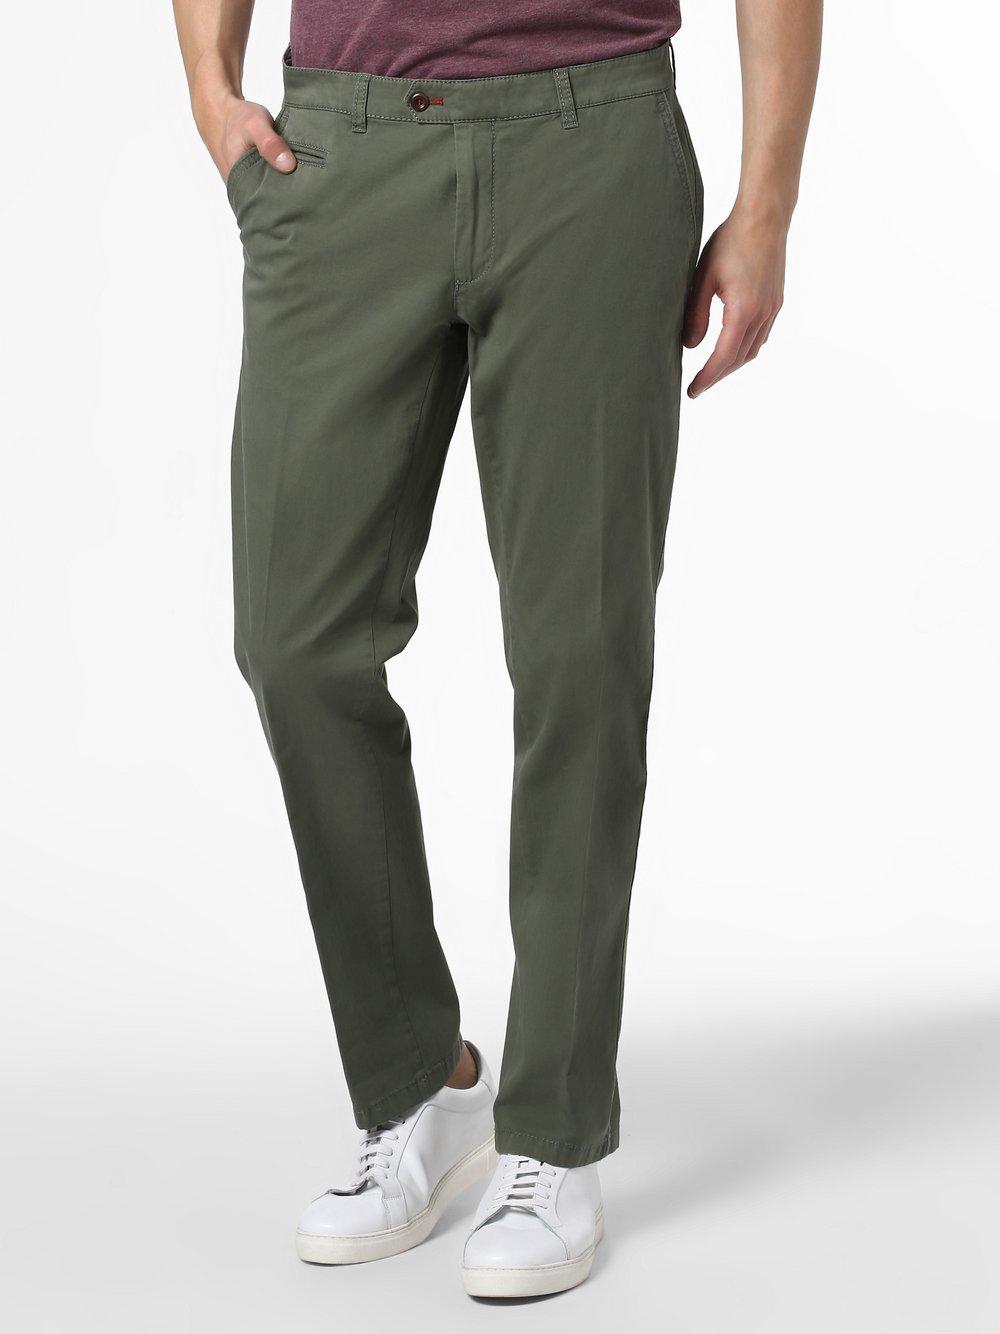 BRAX - Spodnie męskie – Everest, zielony